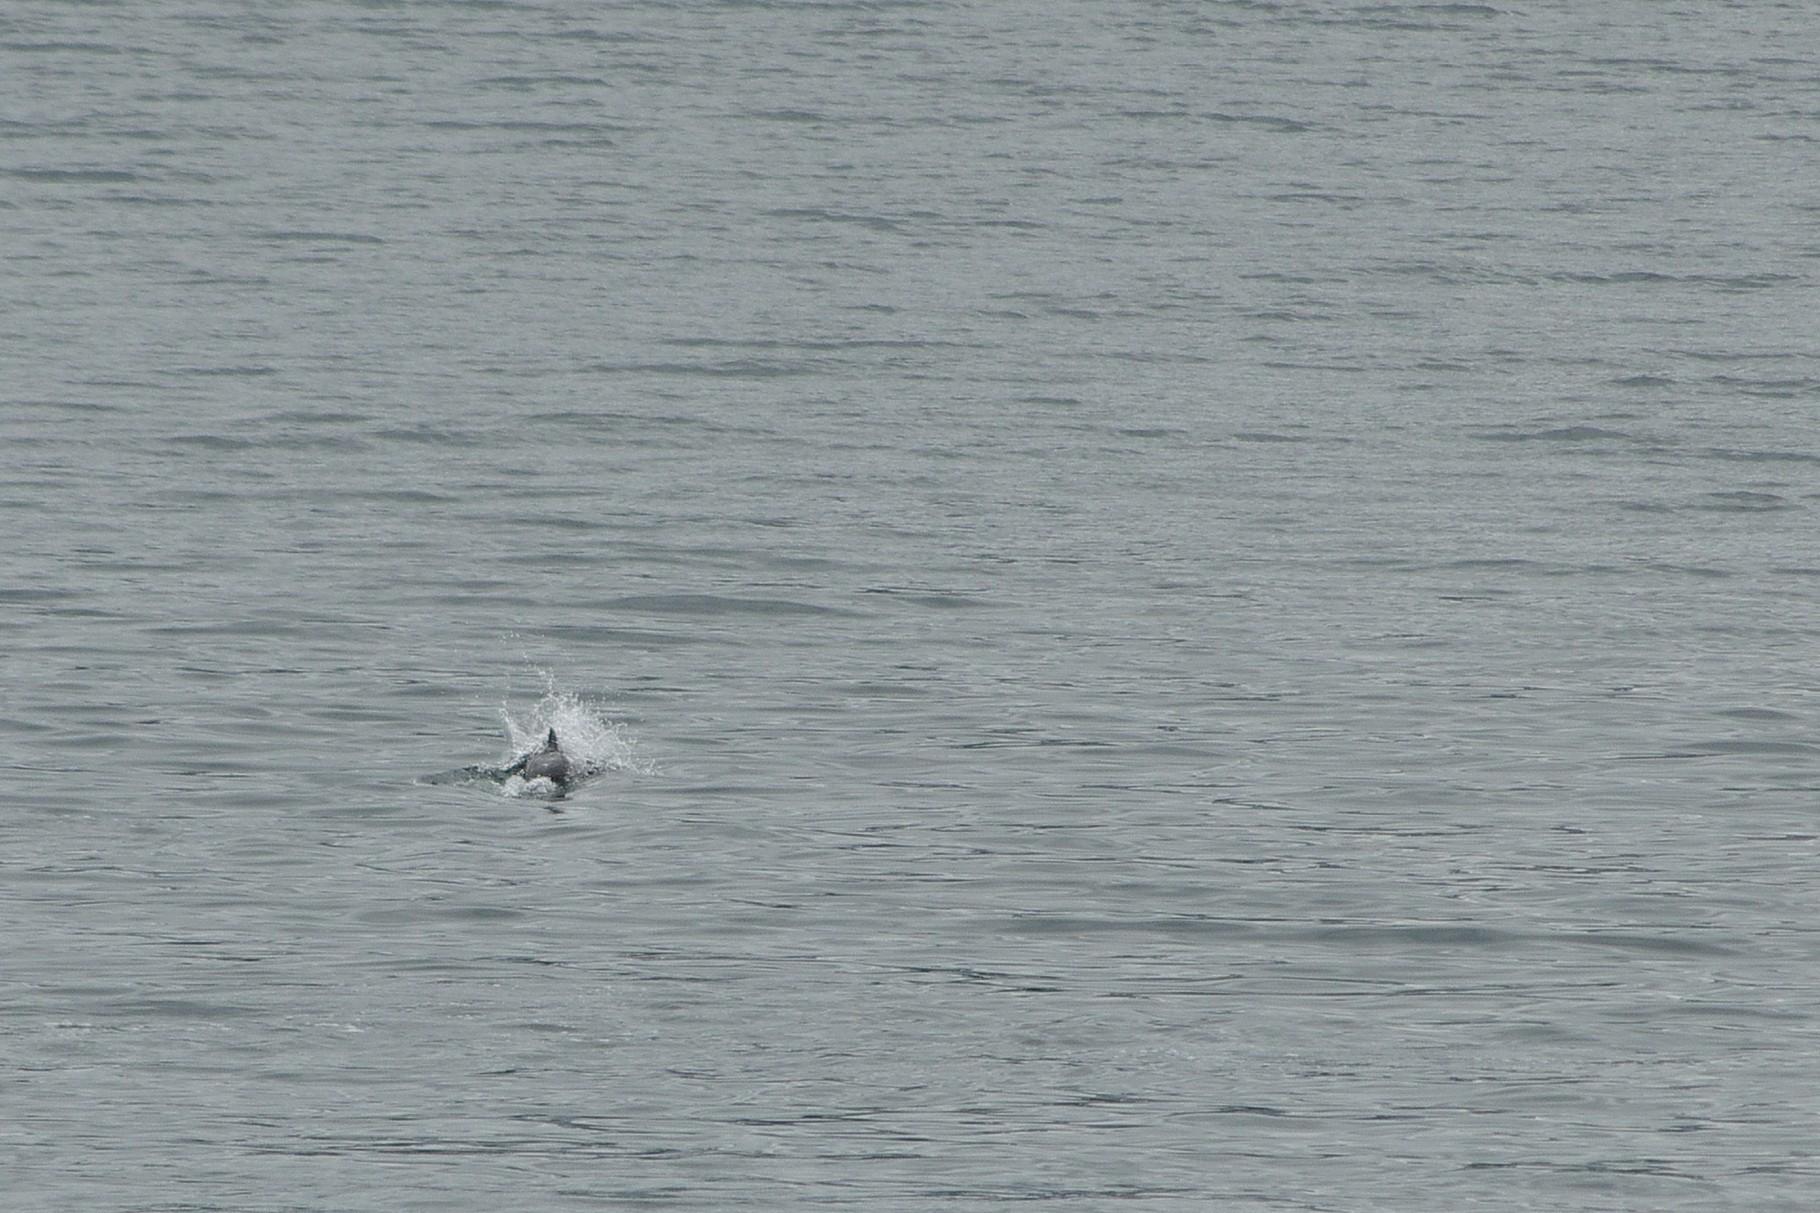 kurz vor Tromsø taucht dieser Kerl hier für einen Moment aus dem Wasser auf - wahrscheinlich ein Schweinswal